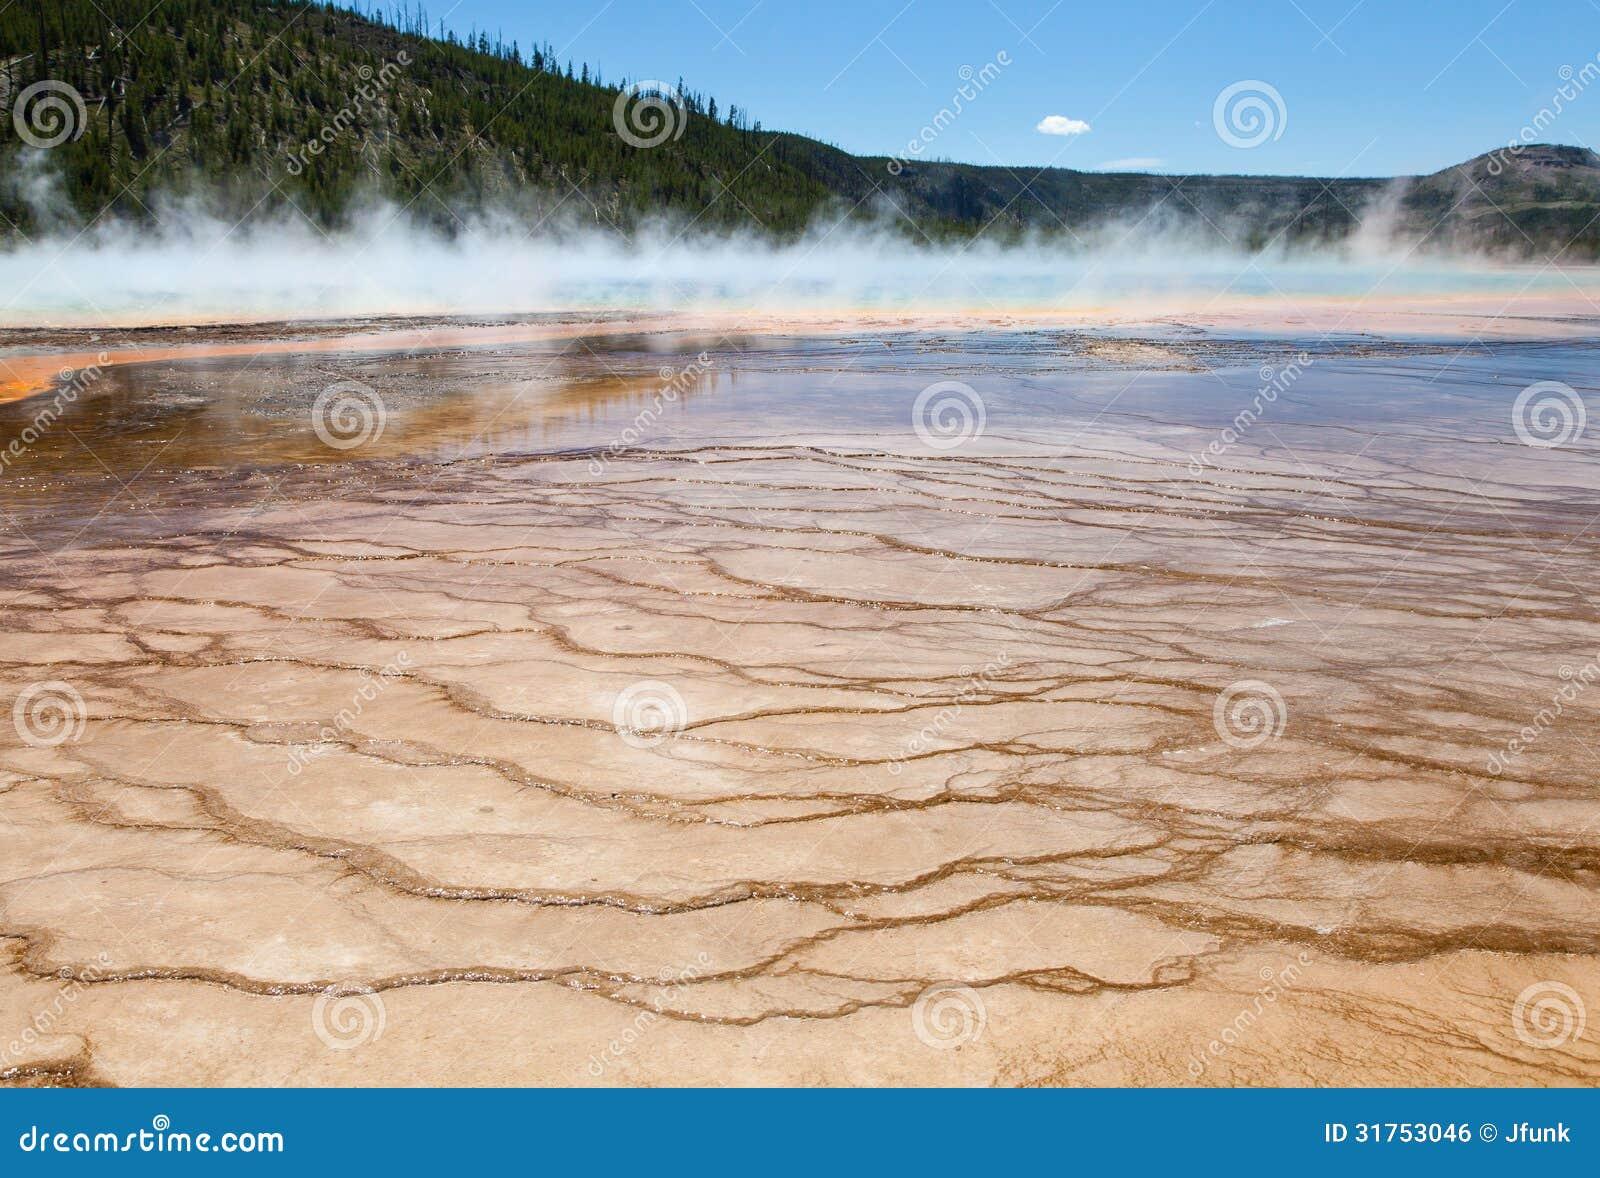 Mud Flats, Yellowstone